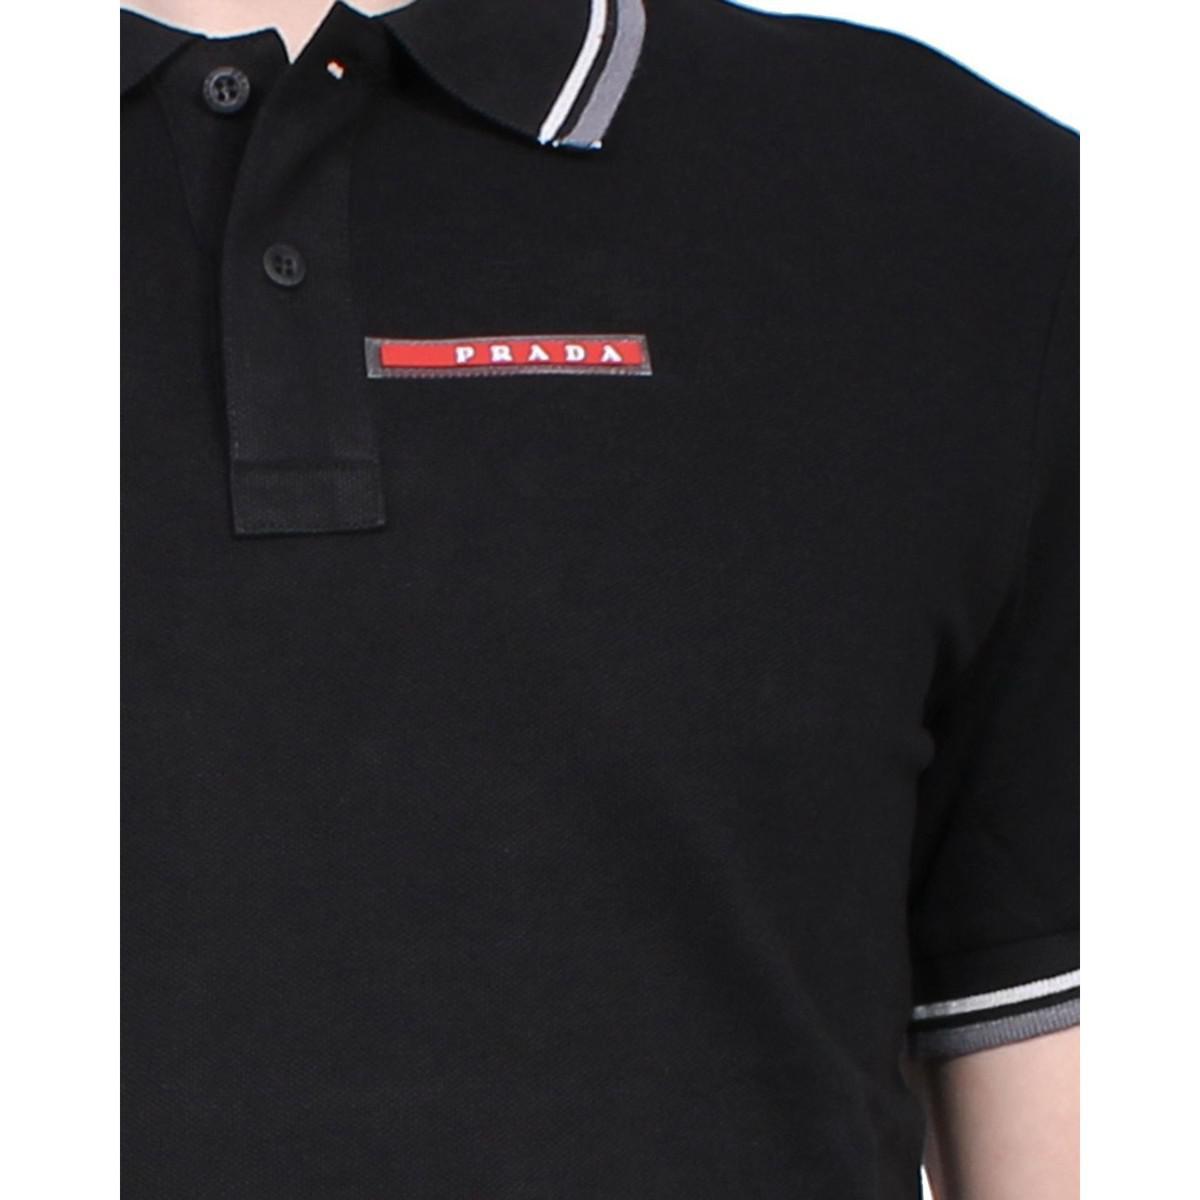 69189766 Prada - Slim Fit Men's Polo Sjj887 Men's Polo Shirt In Black in ...